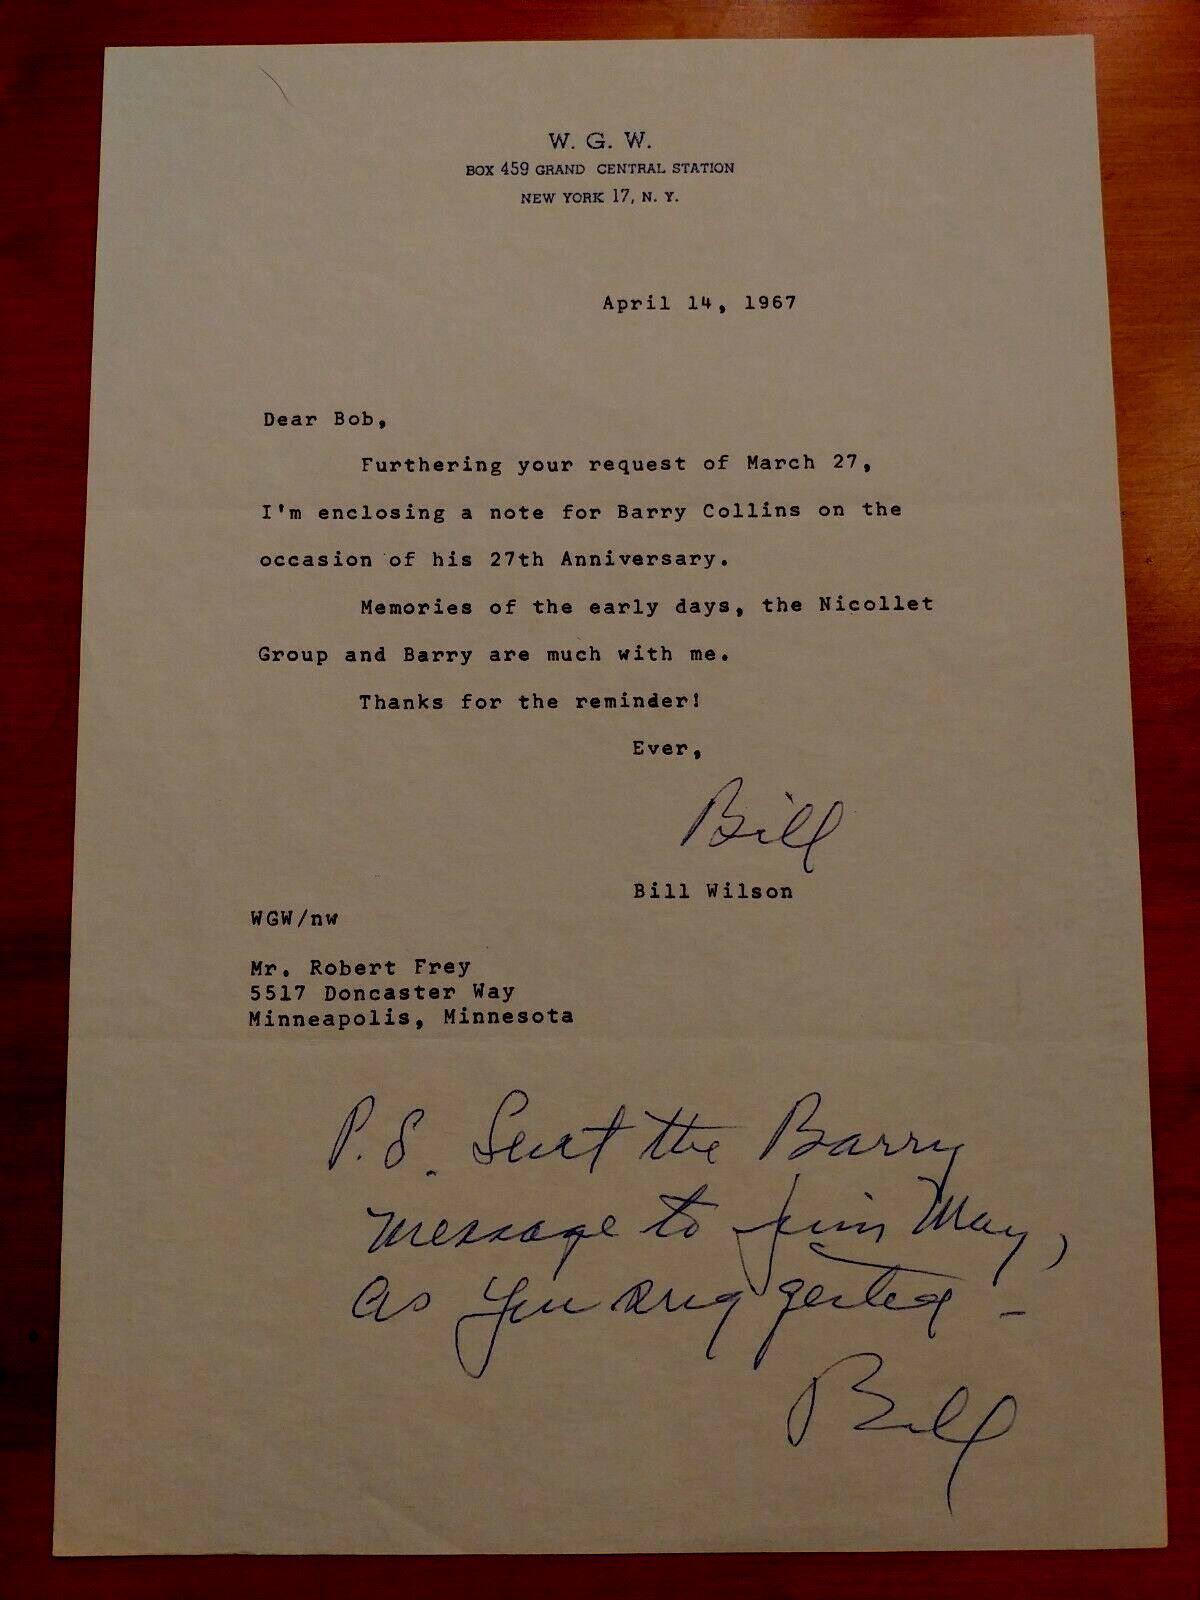 14 Avril 1967 : Bill W. félicite Barry pour son 27° anniversaire, ainsi que le 27° anniversaire du groupe